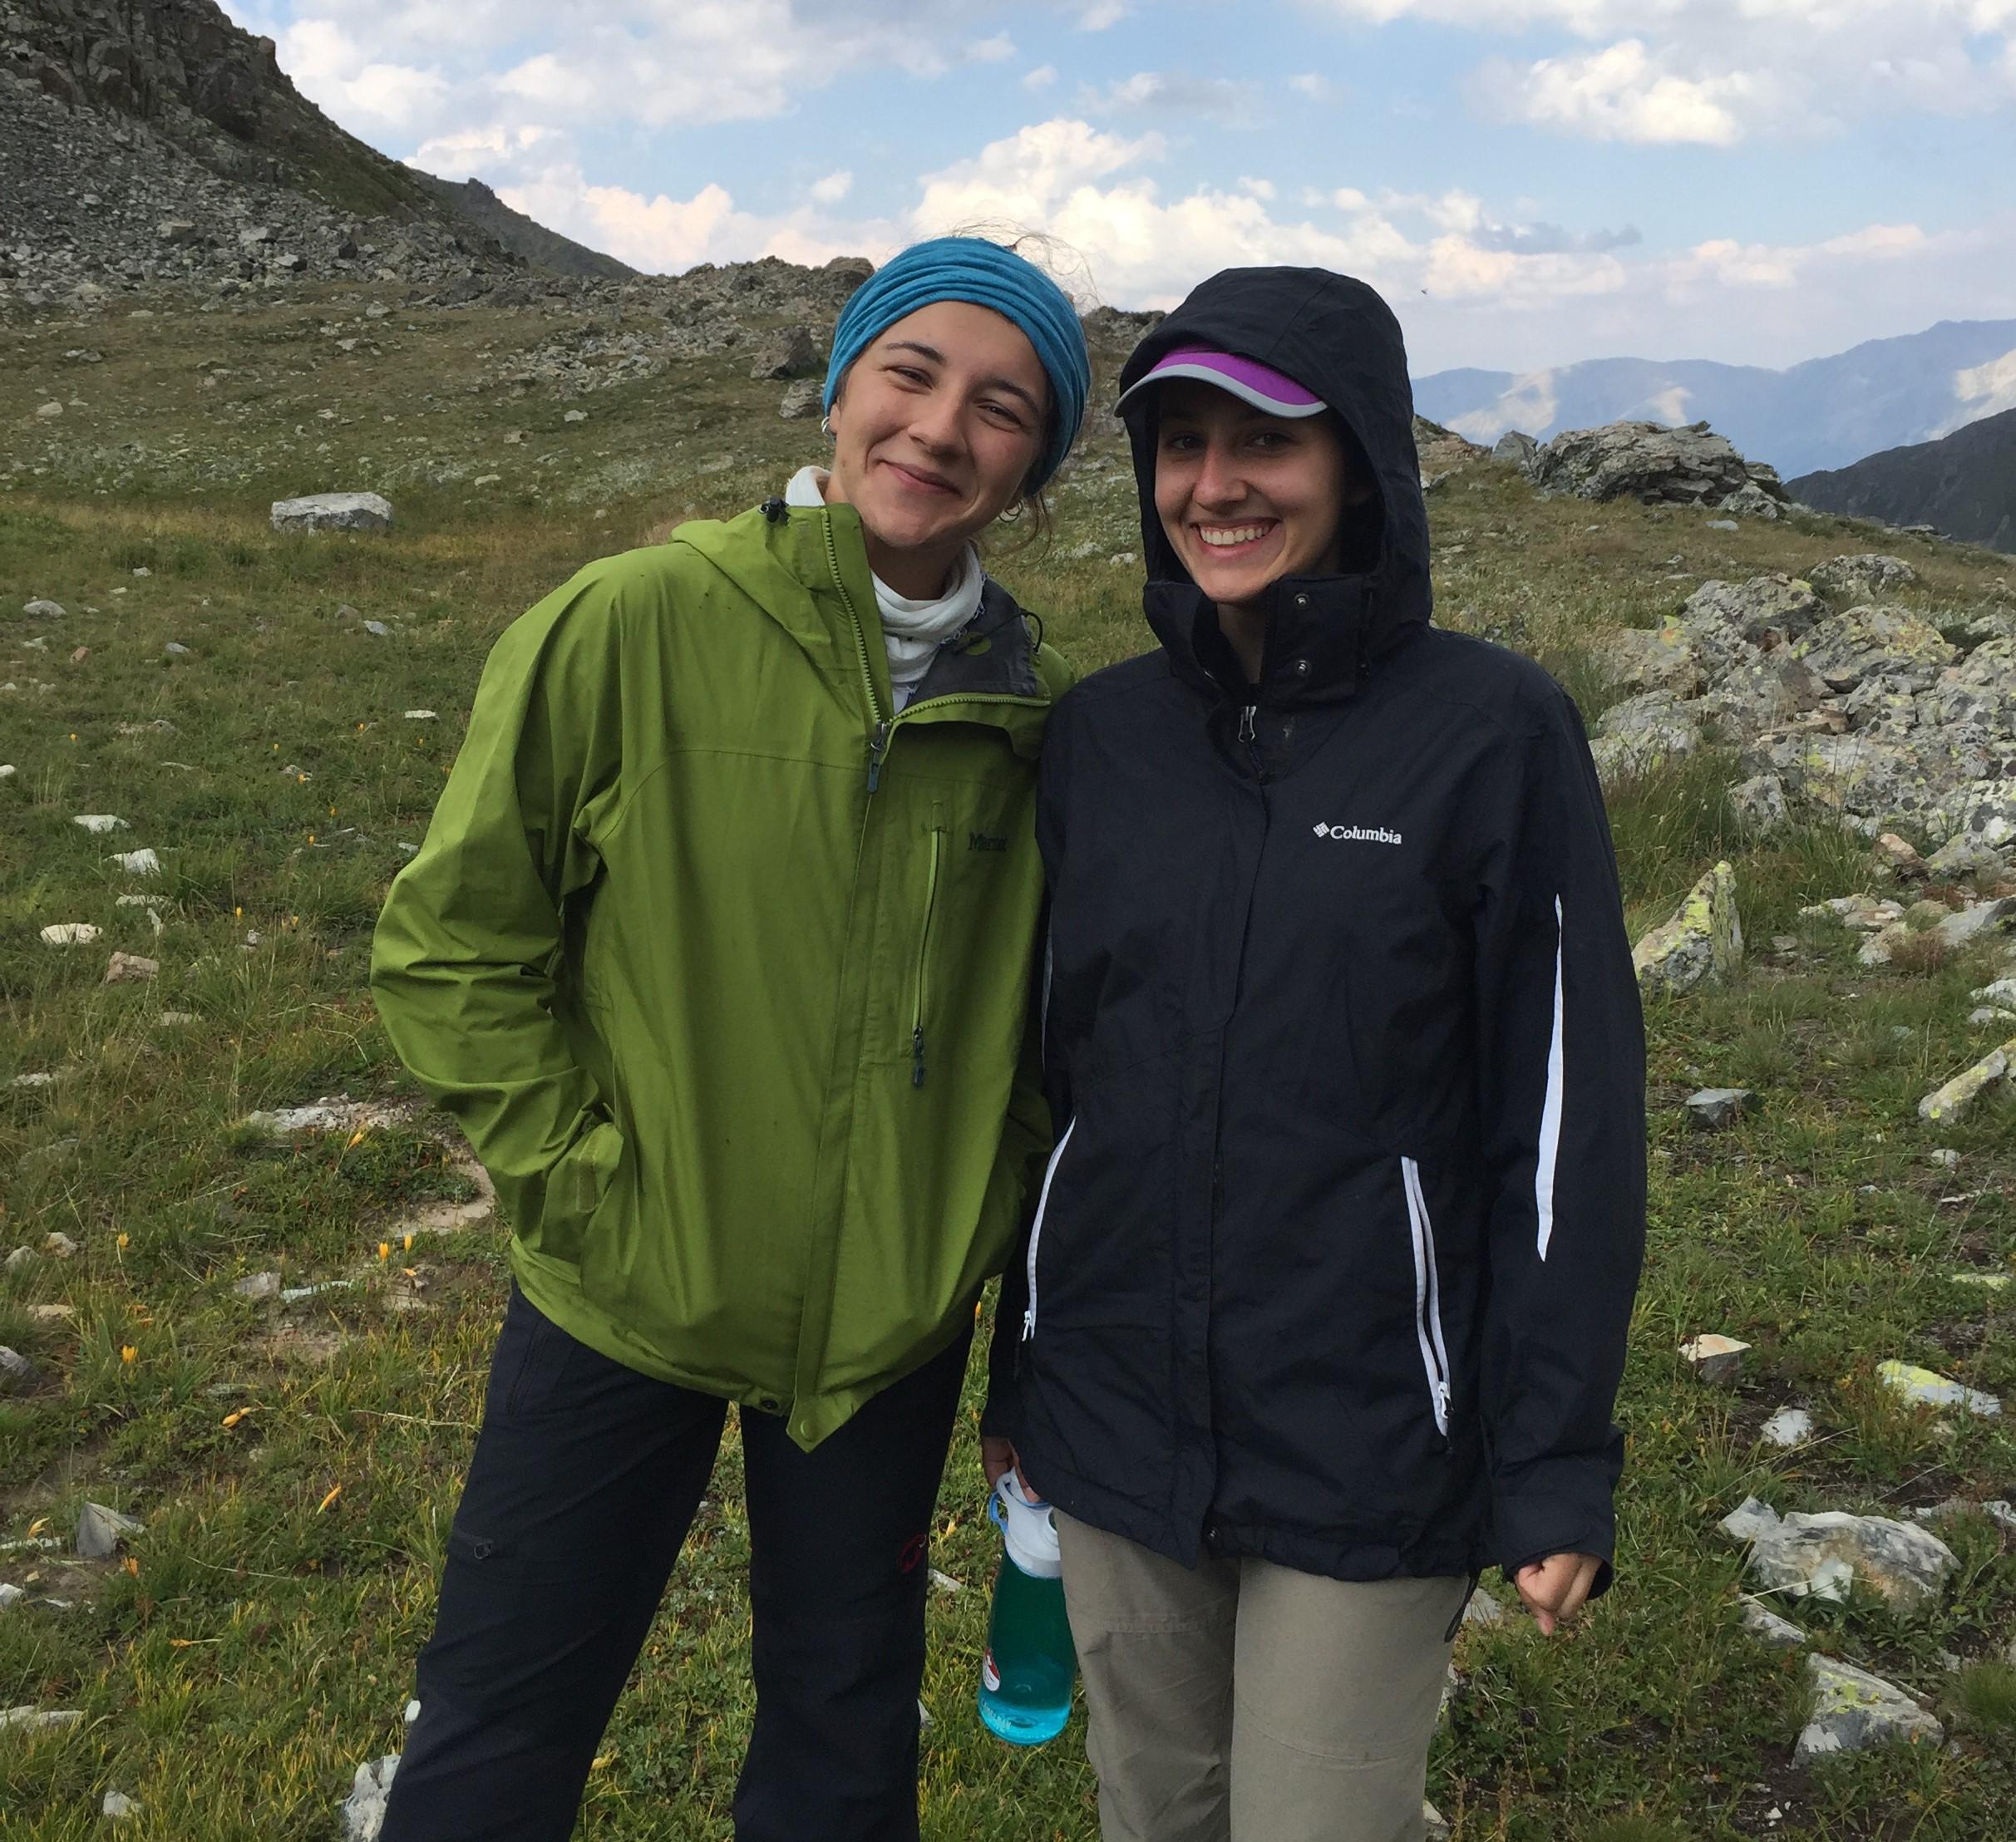 Nursen Yılmaz Melisa Koçabaş Doğa Yürüyüşü Trekking Malzemeleri